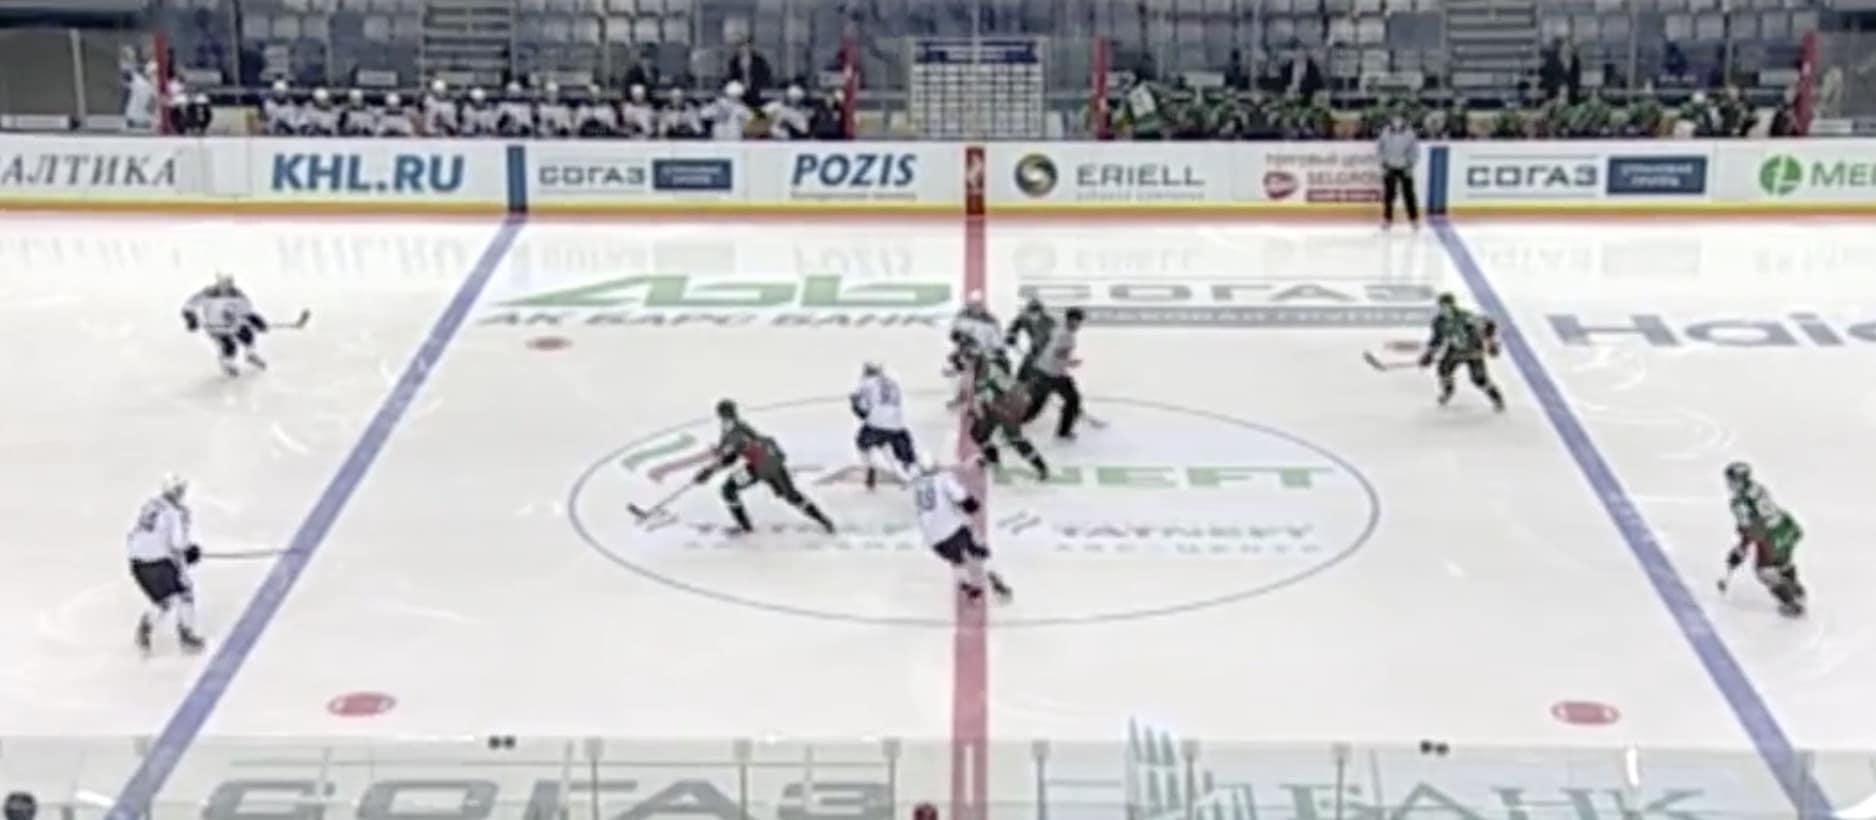 Video: Venäläishyökkääjä teki jääkiekkohistorian nopeimman maalin – aikaa meni ainoastaan kolme sekuntia